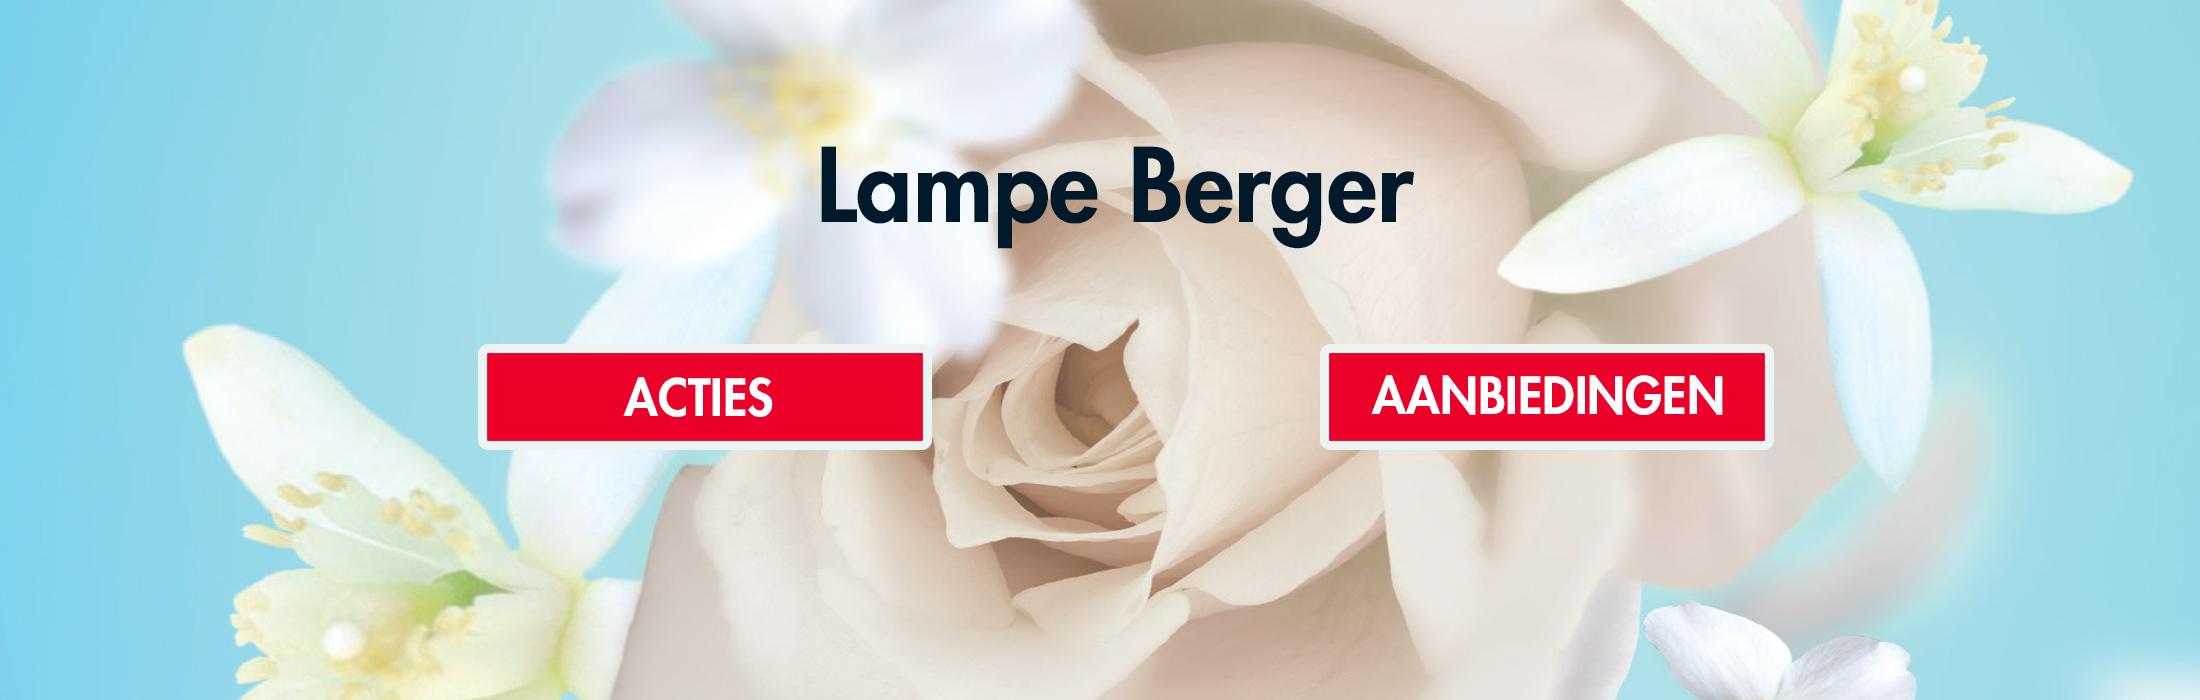 Lampe Berger aanbieding